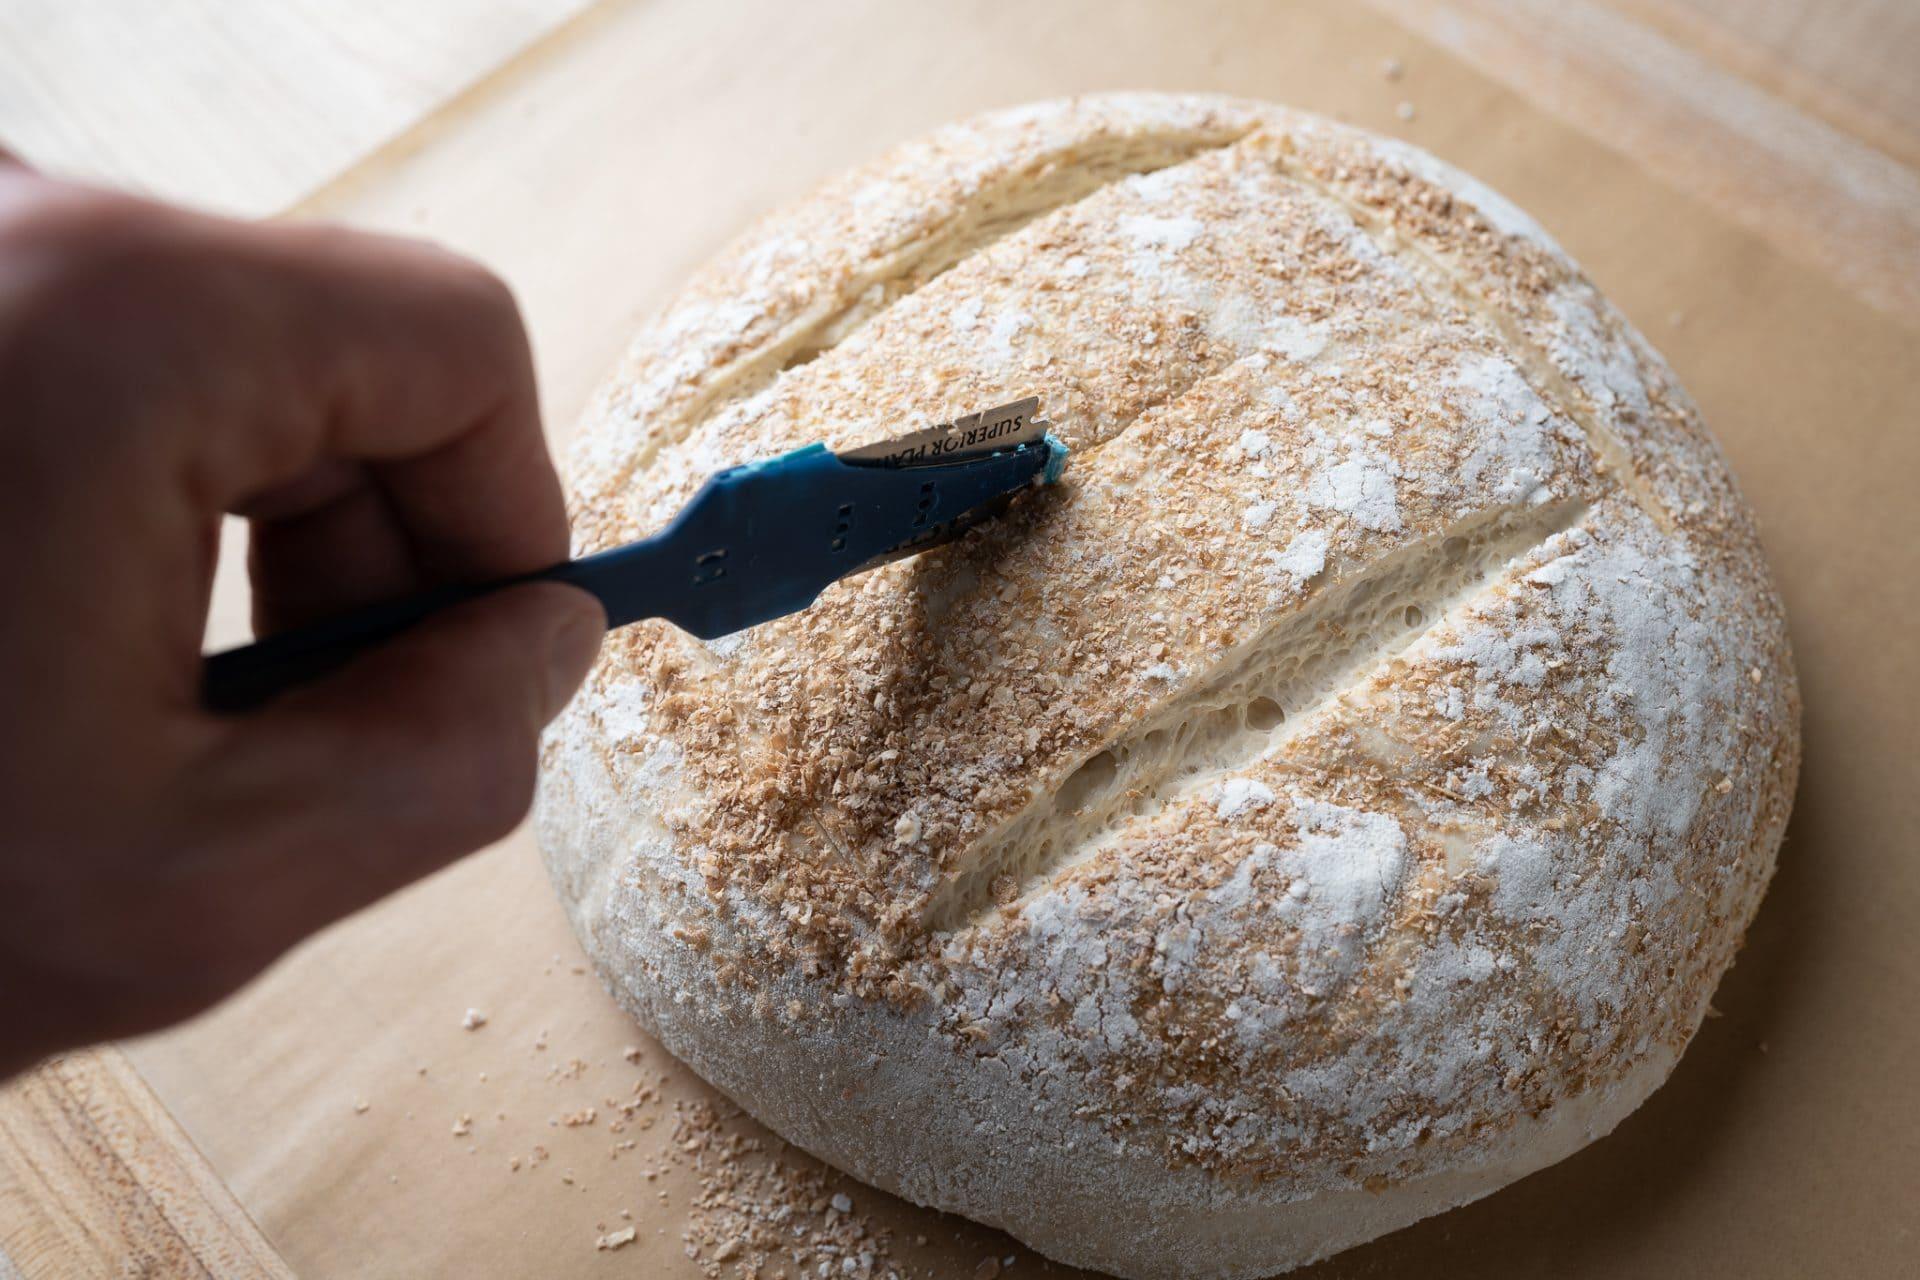 Scoring sourdough bread dough